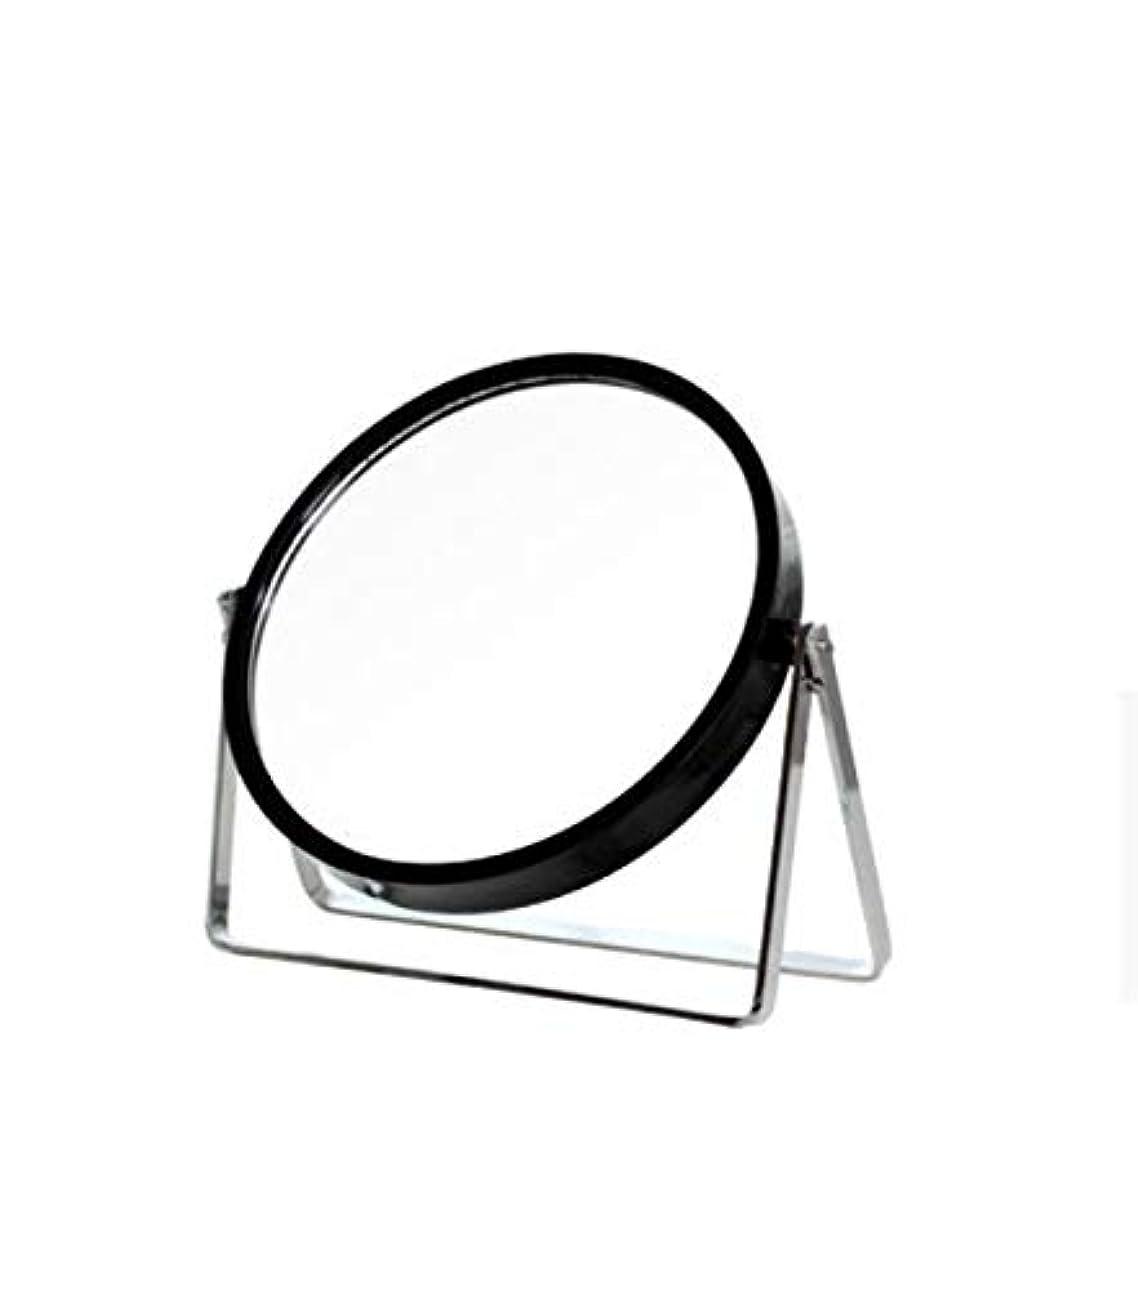 おめでとう交響曲品種化粧鏡、シンプルなラウンドホーム寮デスクトップ化粧鏡化粧ギフト (Color : ブラック)